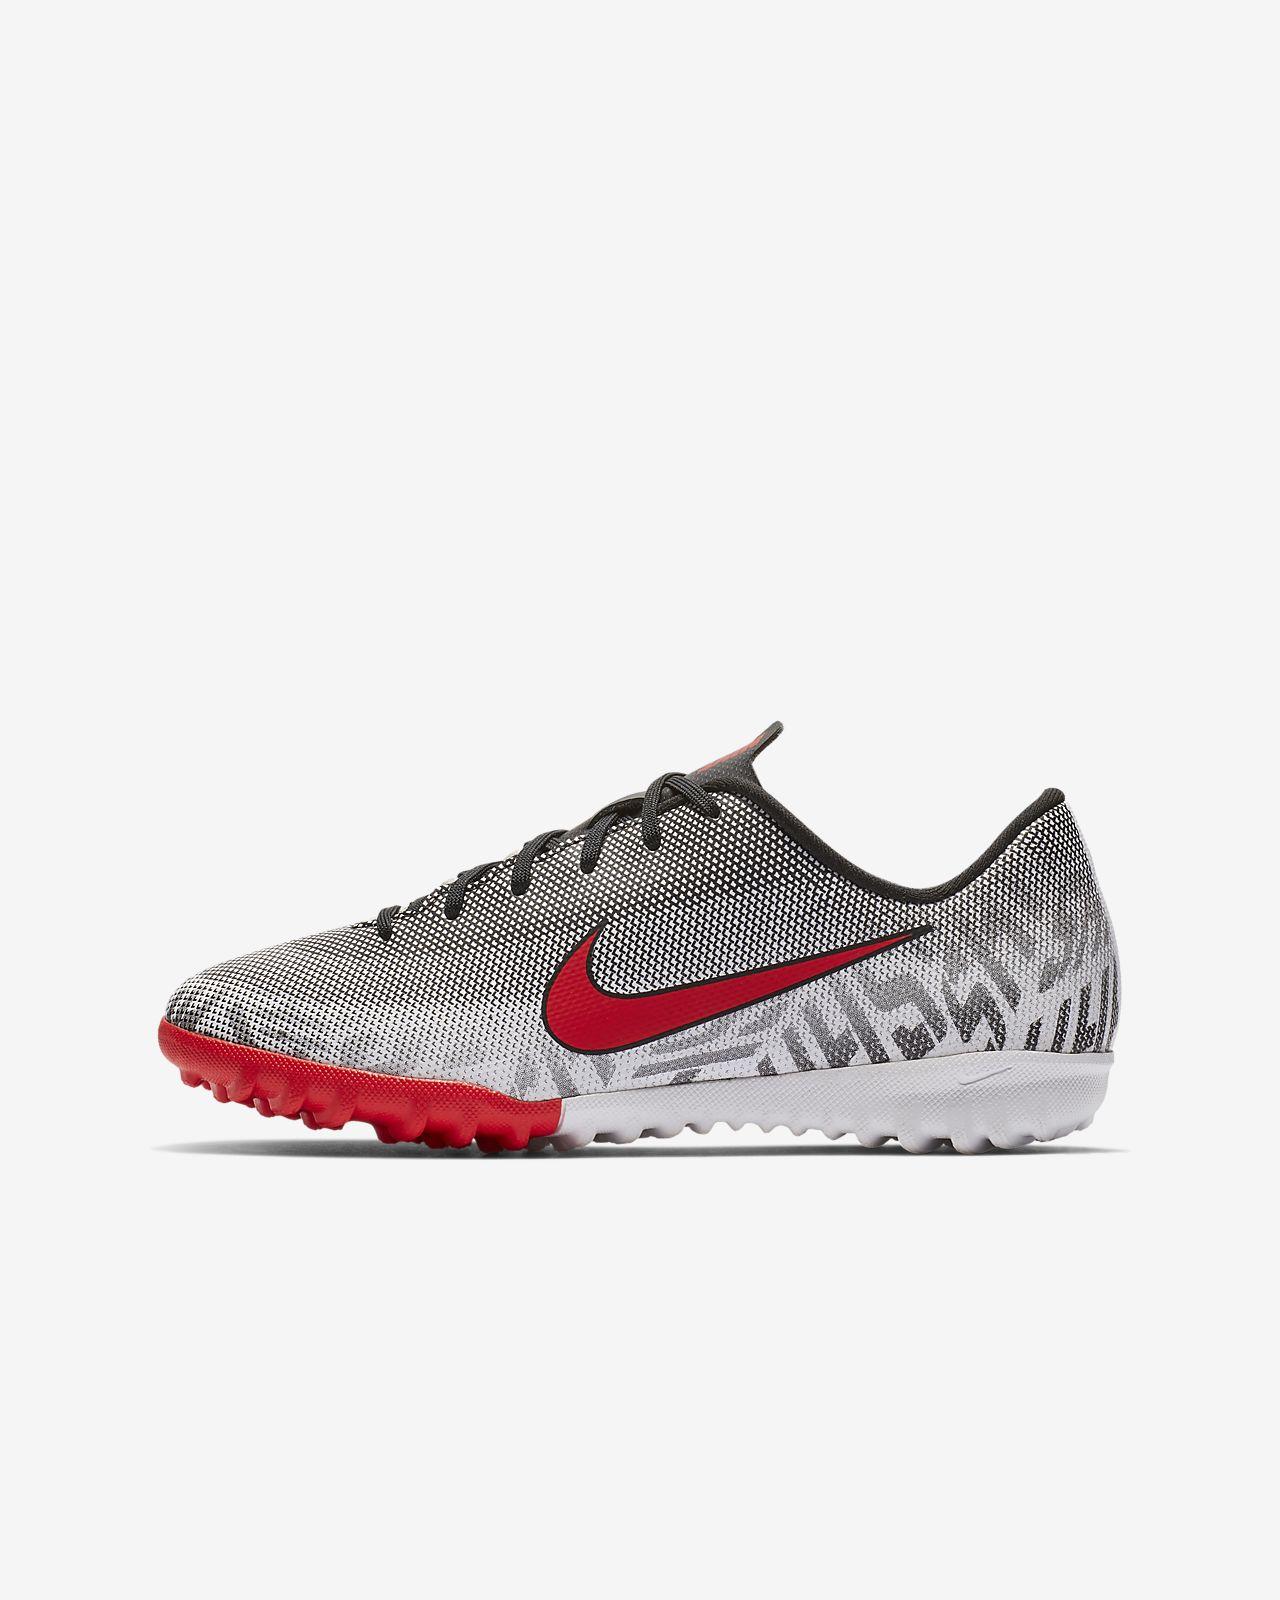 e1635b885c3cc ... Sapatilhas de futebol para relva artificial Nike Jr. Mercurial Vapor  XII Academy Neymar Jr para